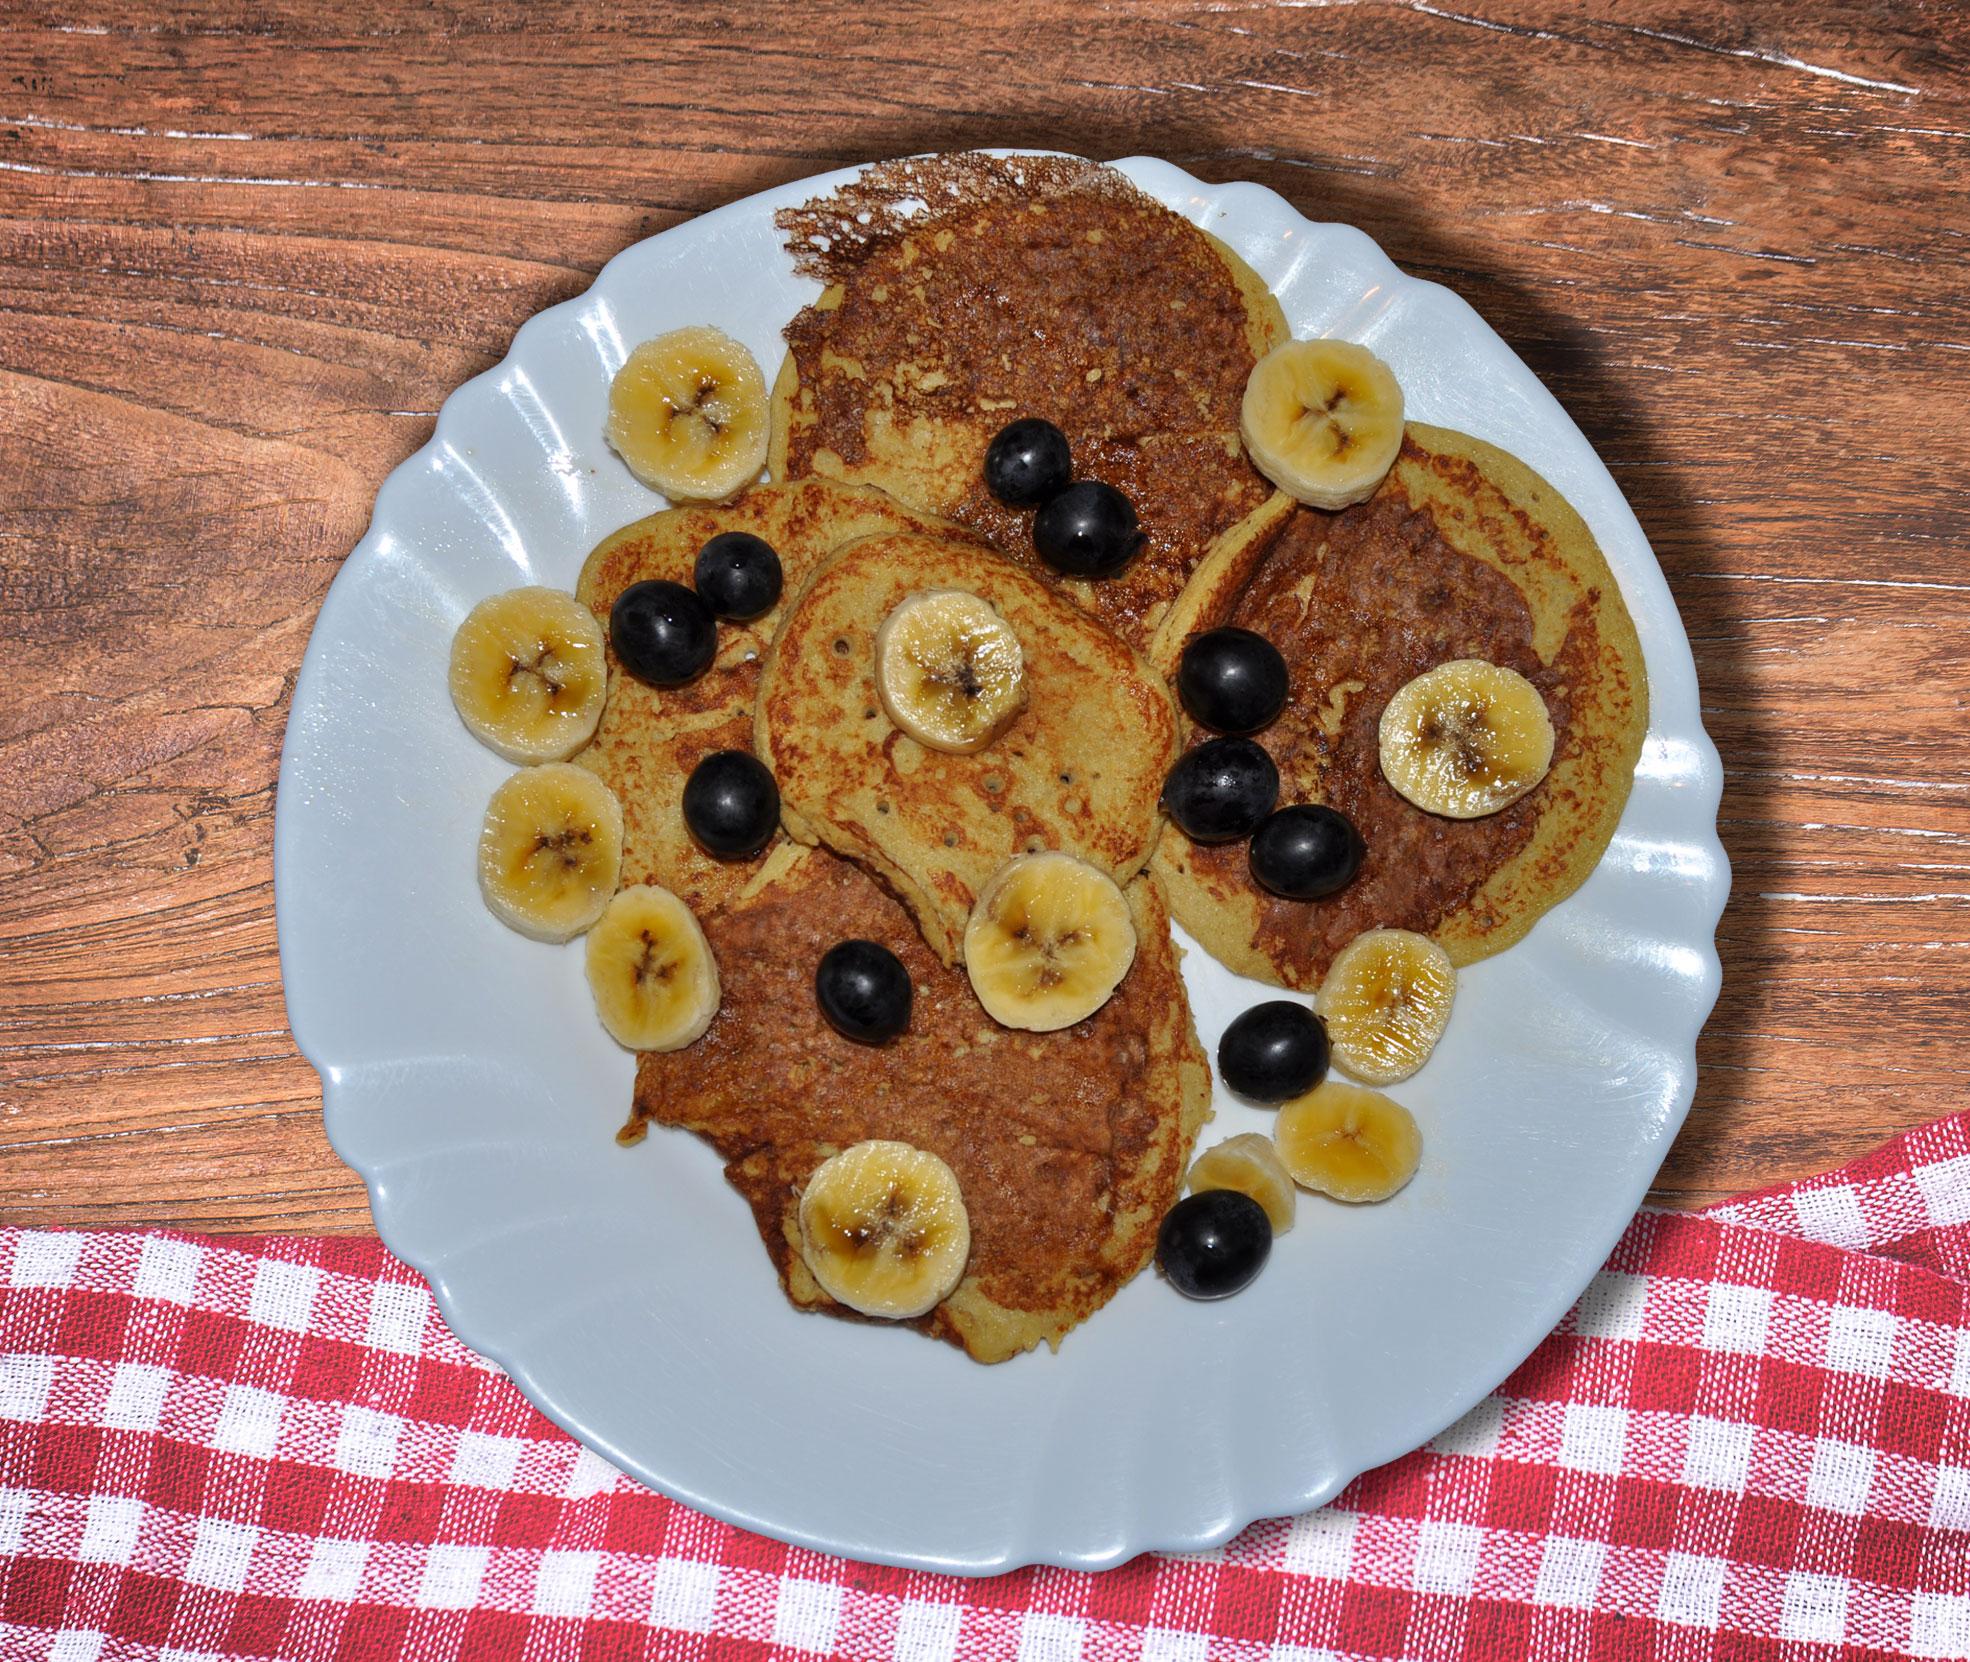 imagen blog FaWellness | Hoy receta de tortitas de avena, plátano y huevo por nuestra nutricionista Silvia